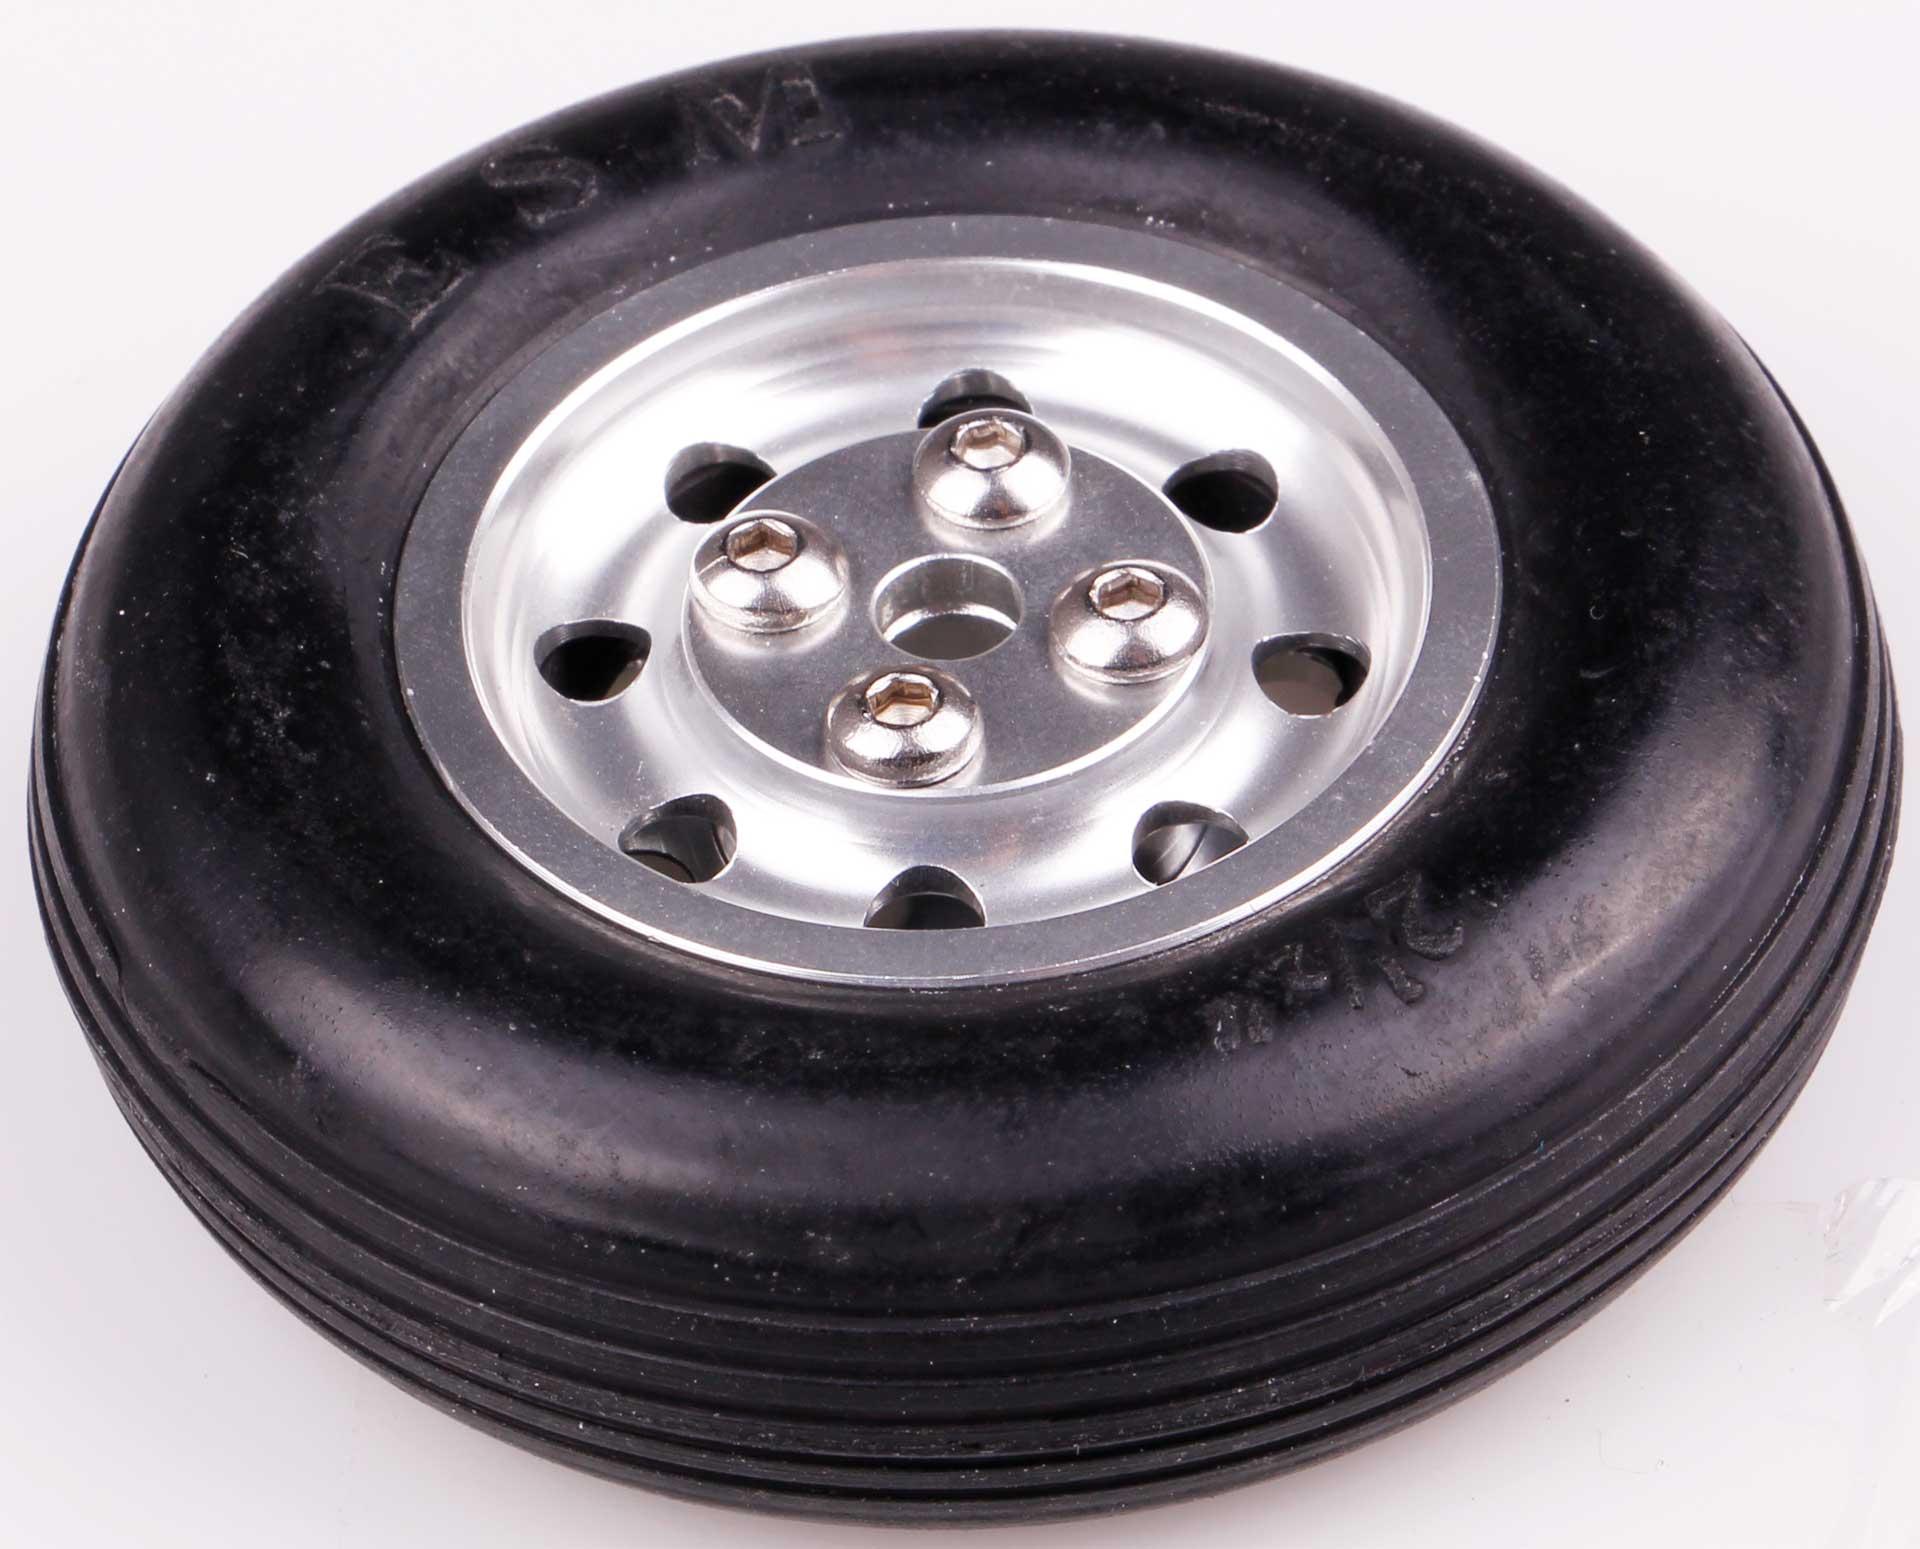 Robbe Modellsport Roue ø65x20mm ø5mm axe de roue avec jante en aluminium 48 Gramm 1Stk.